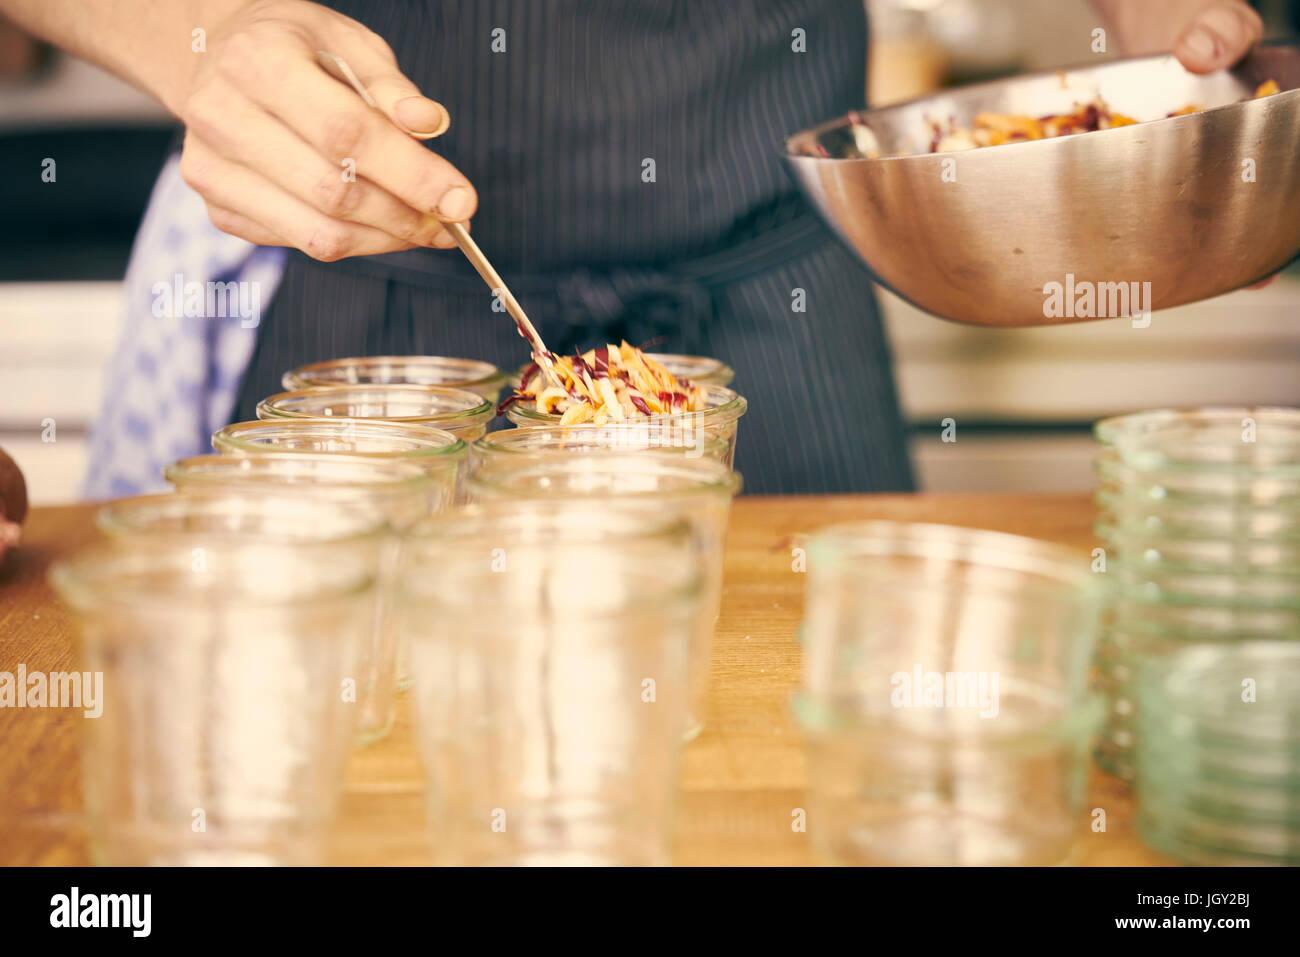 Koch, Kunststoffbehälter mit Portionen von Lebensmitteln zu füllen Stockbild